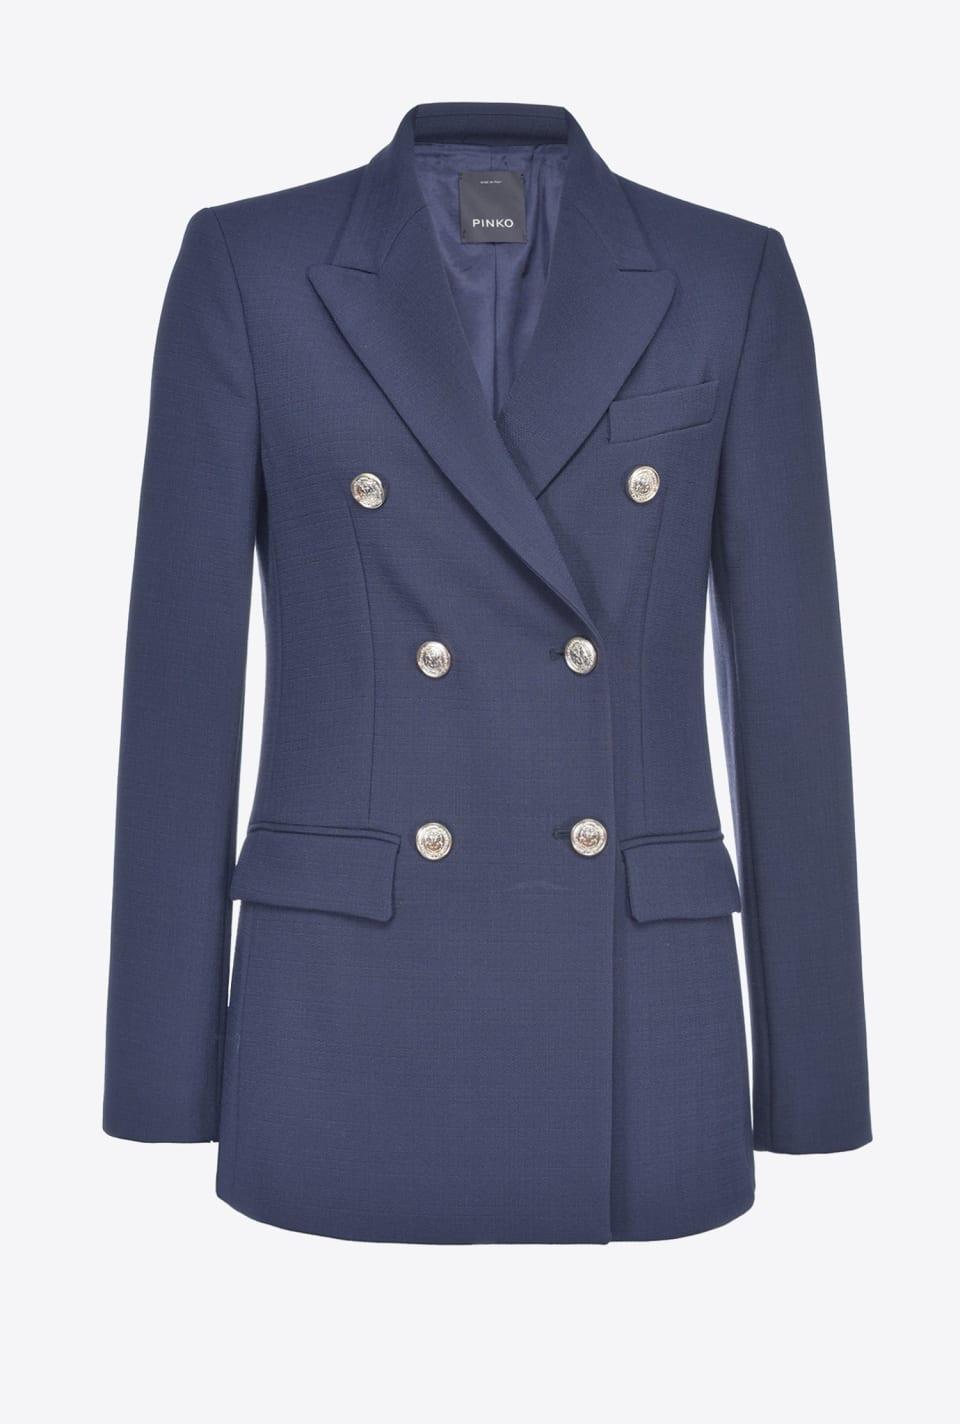 条纹西装外套 - Pinko